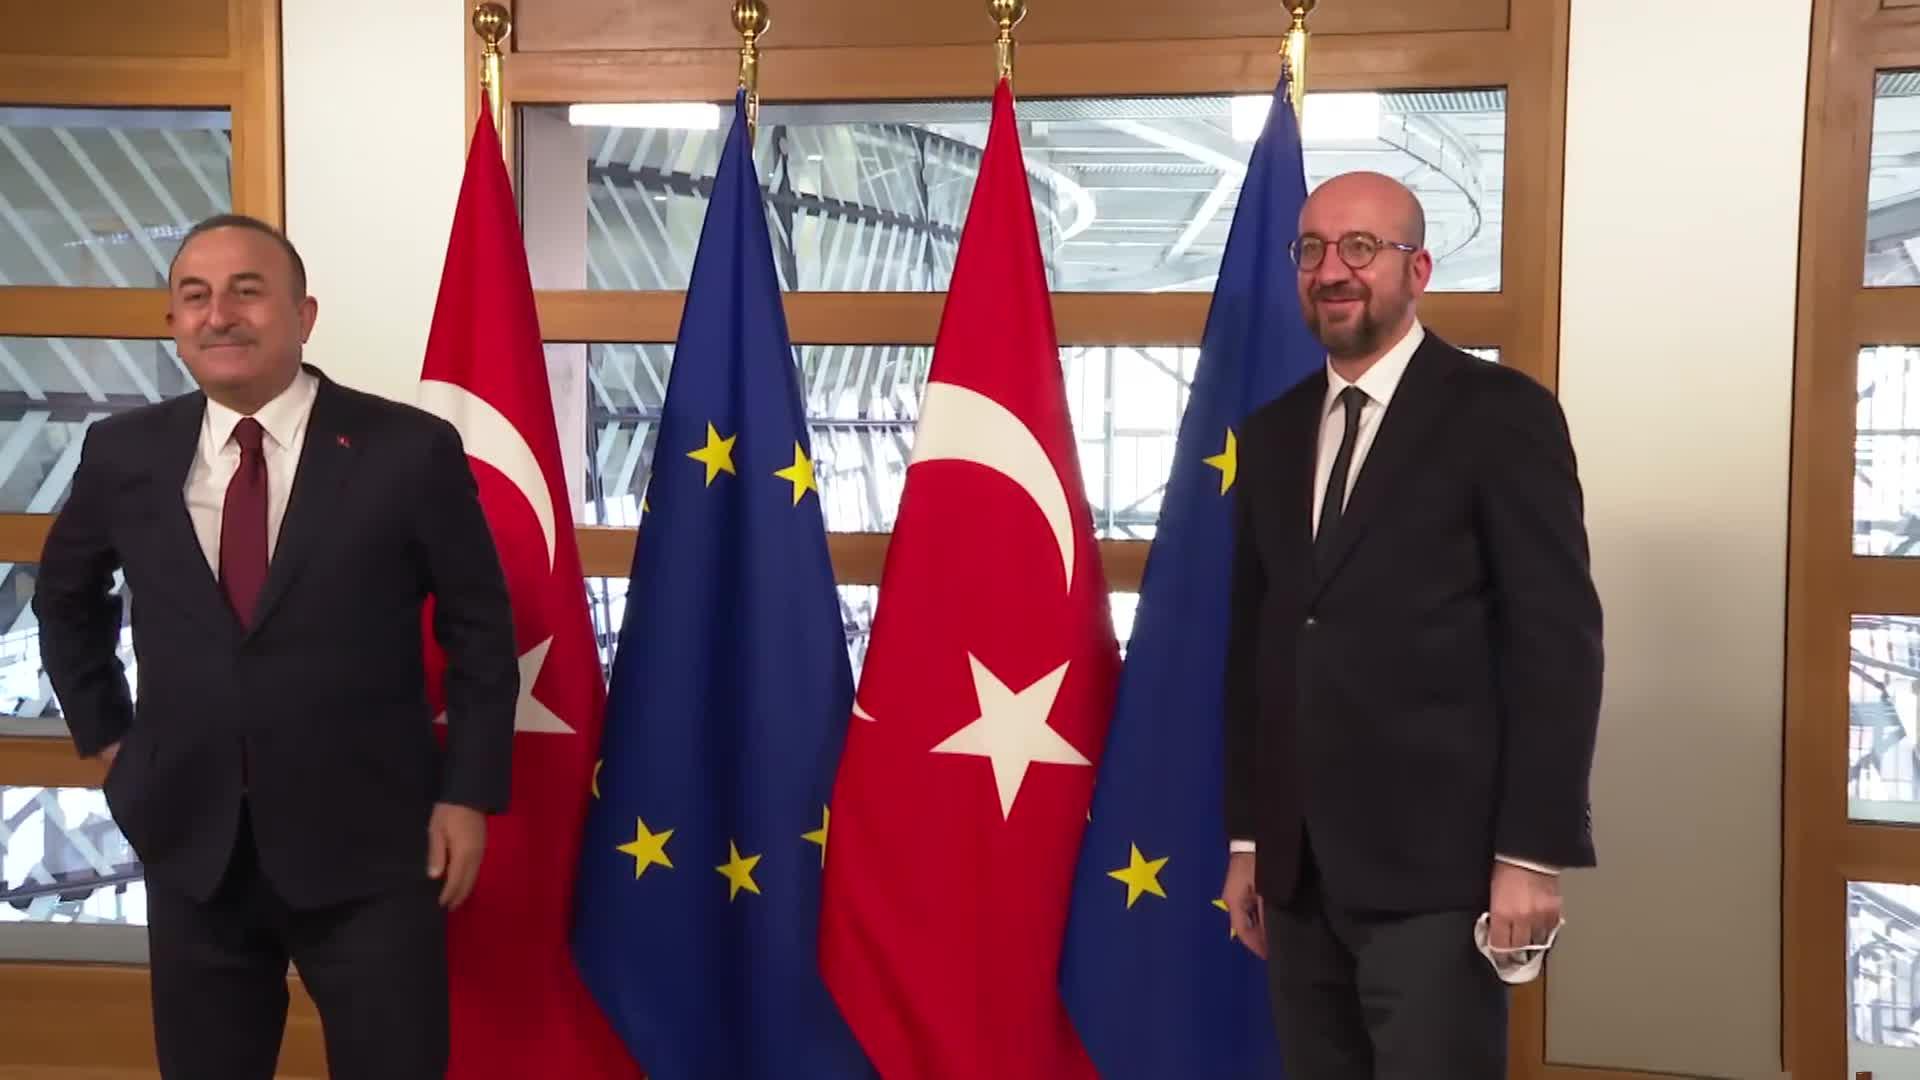 Πρόεδρος του Ευρωπαϊκού Συμβουλίου, Σαρλ Μισέλ σε Τσαβούσογλου: Θέλουμε εποικοδομητική σχέση με την Τουρκία αλλά και απτά αποτελέσματα